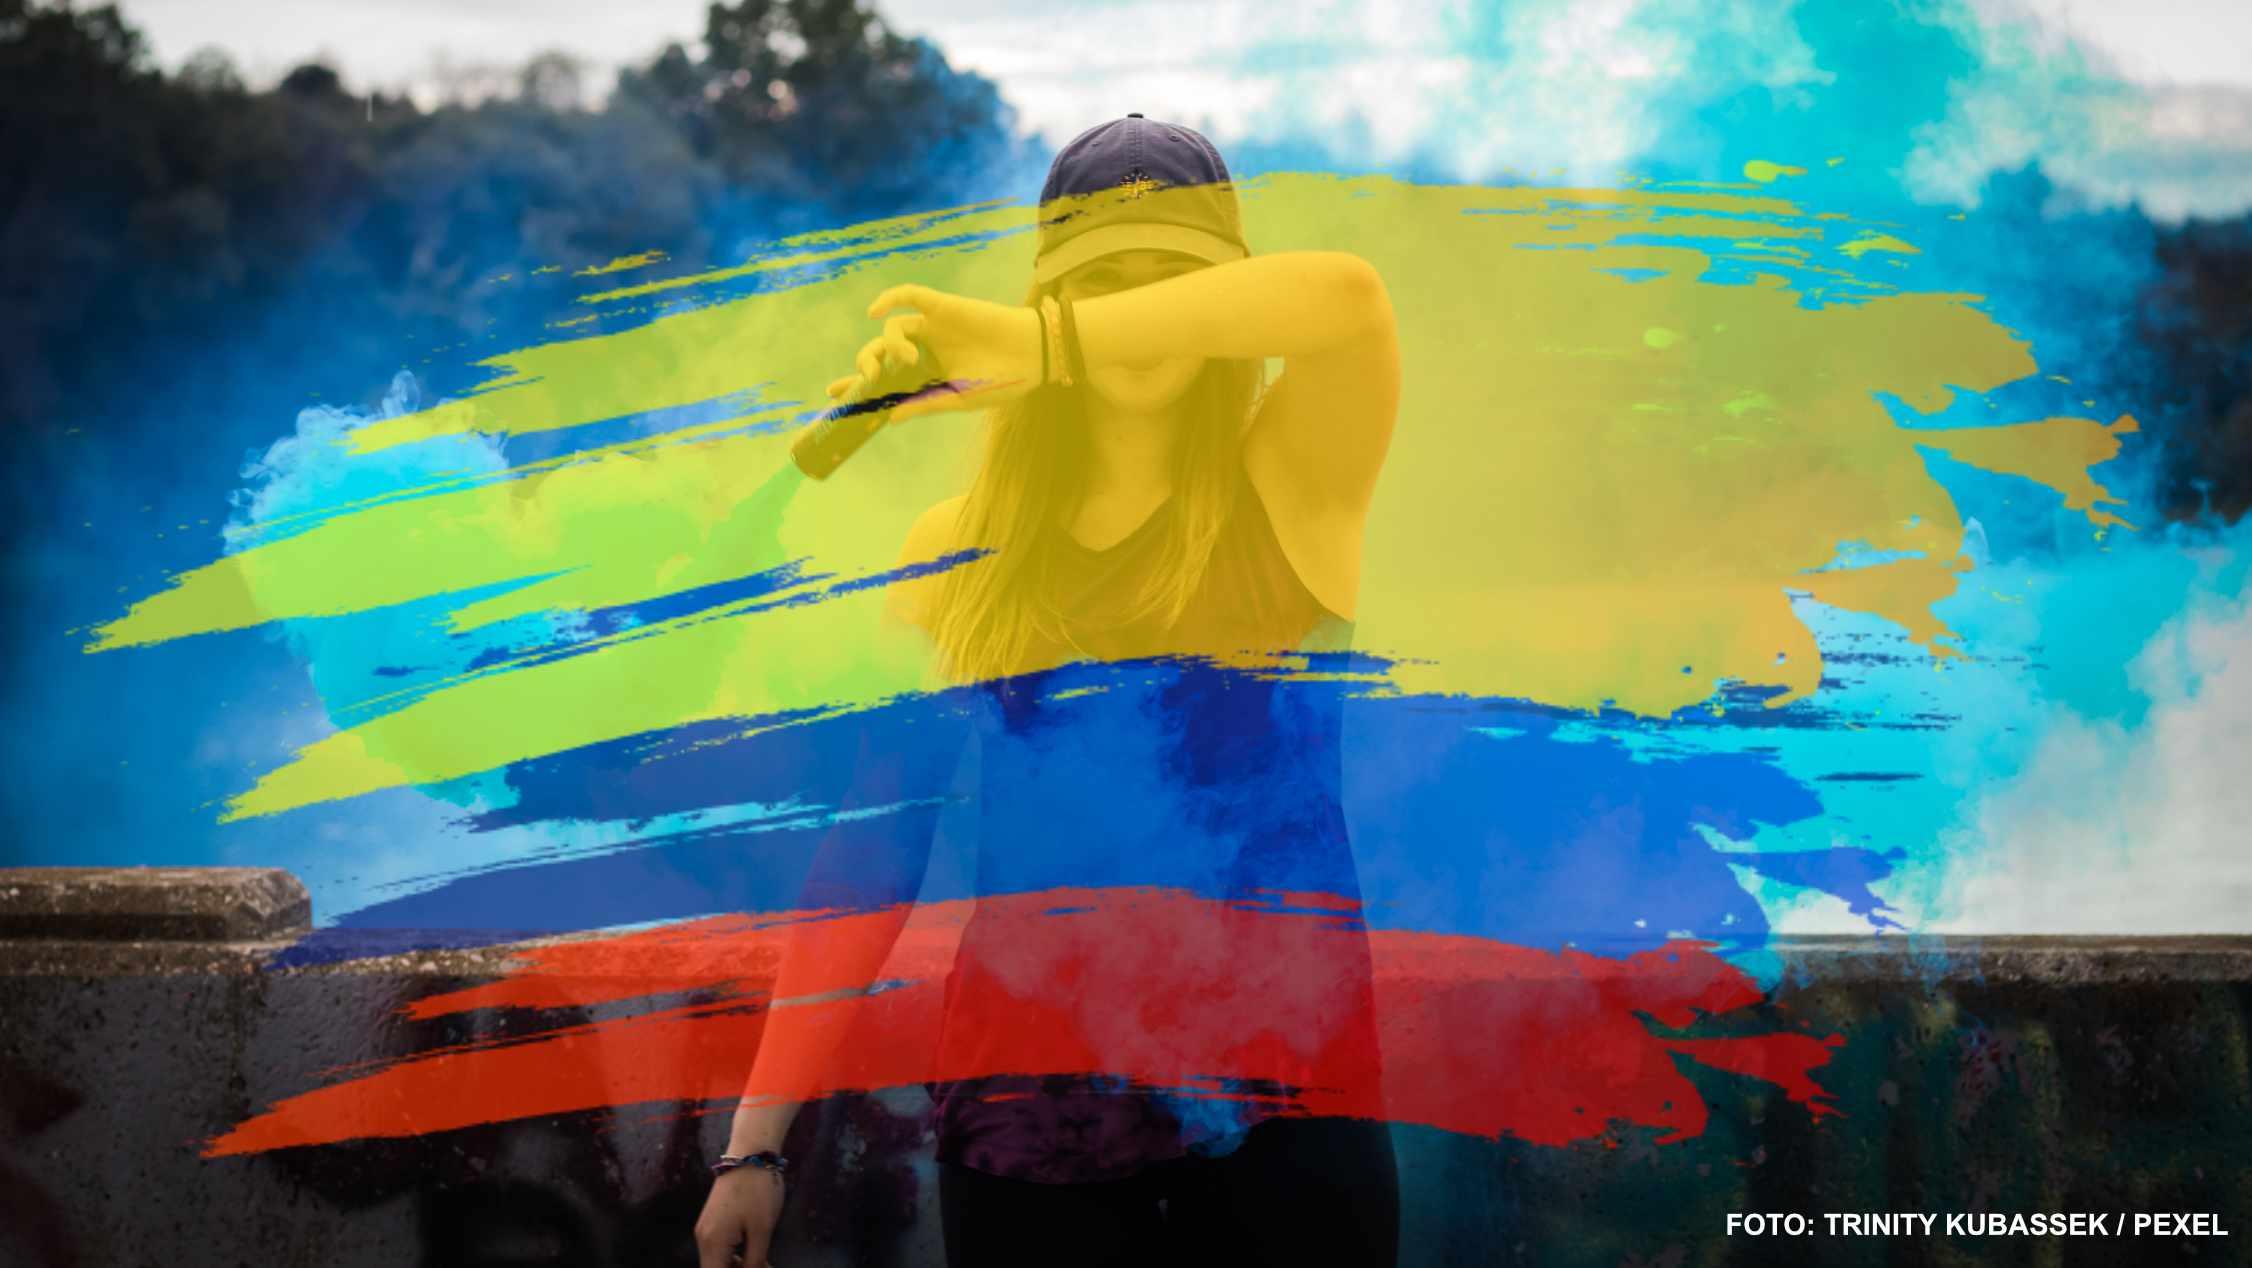 Semana de caos en Colombia; hay más de 300 desaparecidos